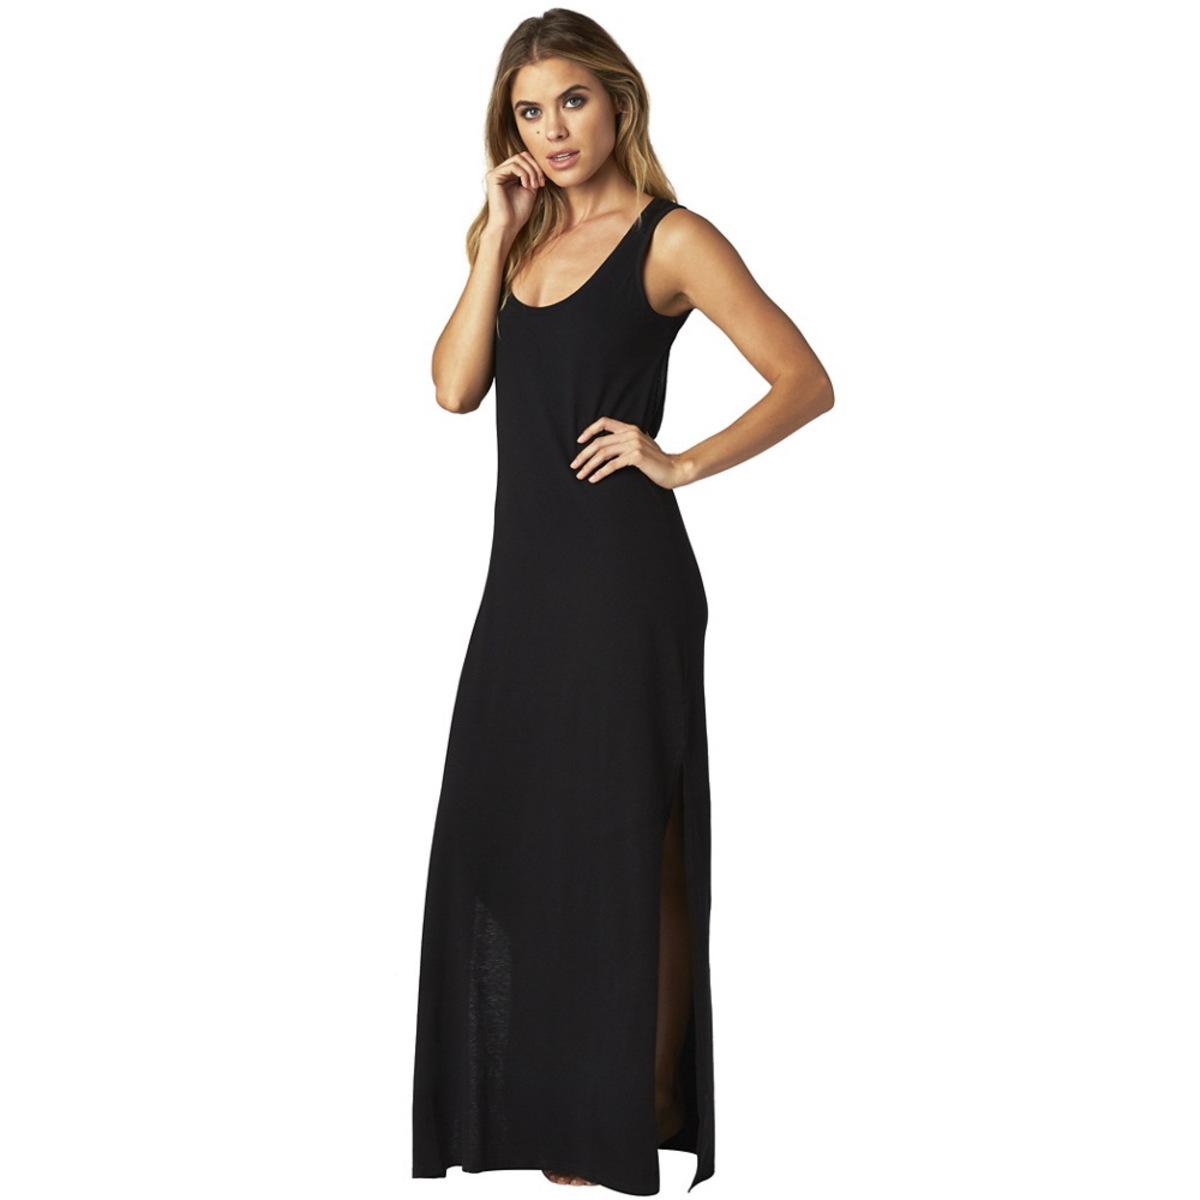 šaty dámské FOX - Screen Maxi - Black - 16561-001 S